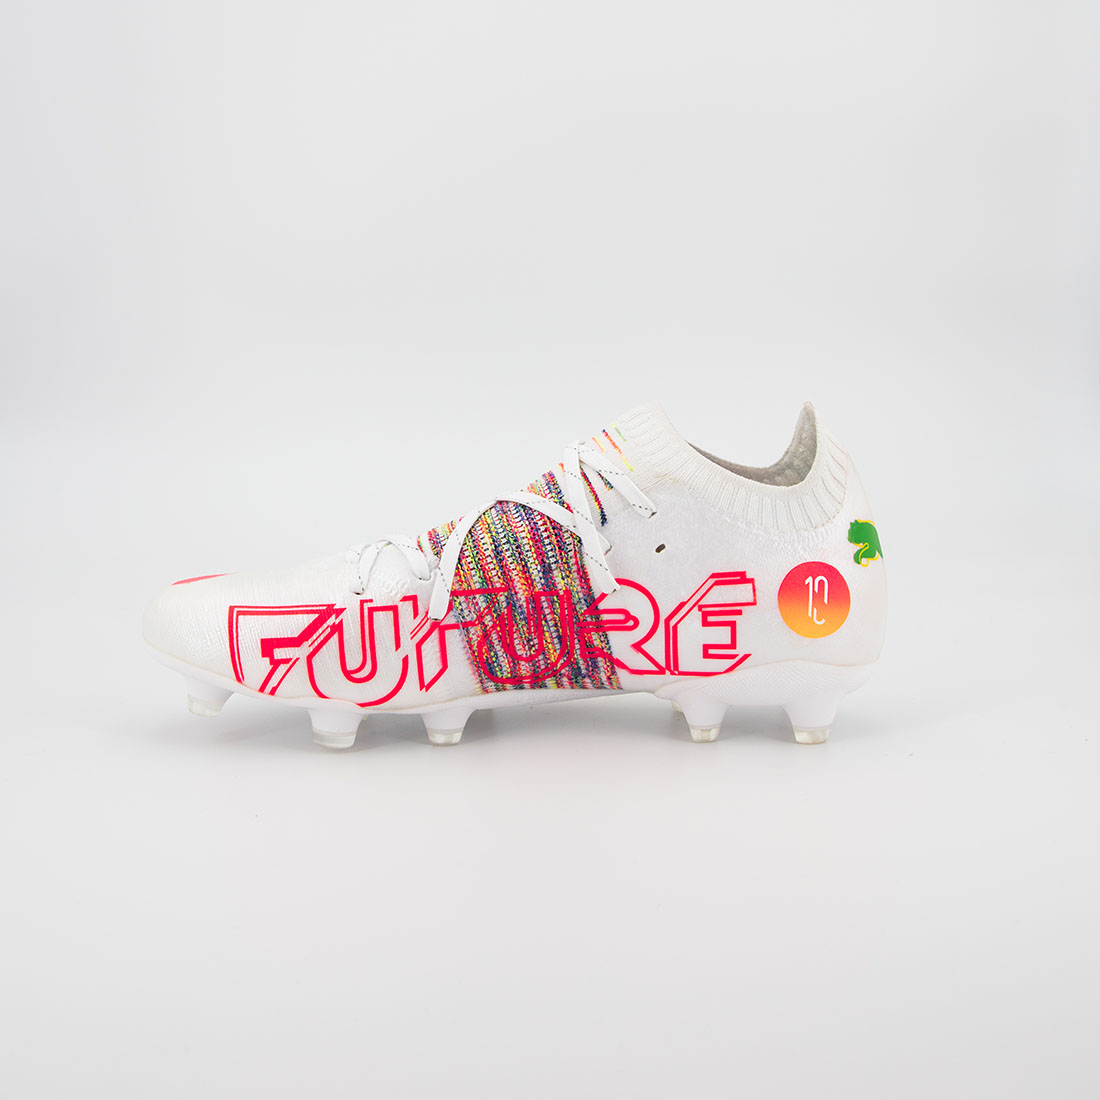 PUMA FUTURE Z Fornite x Neymar Jr